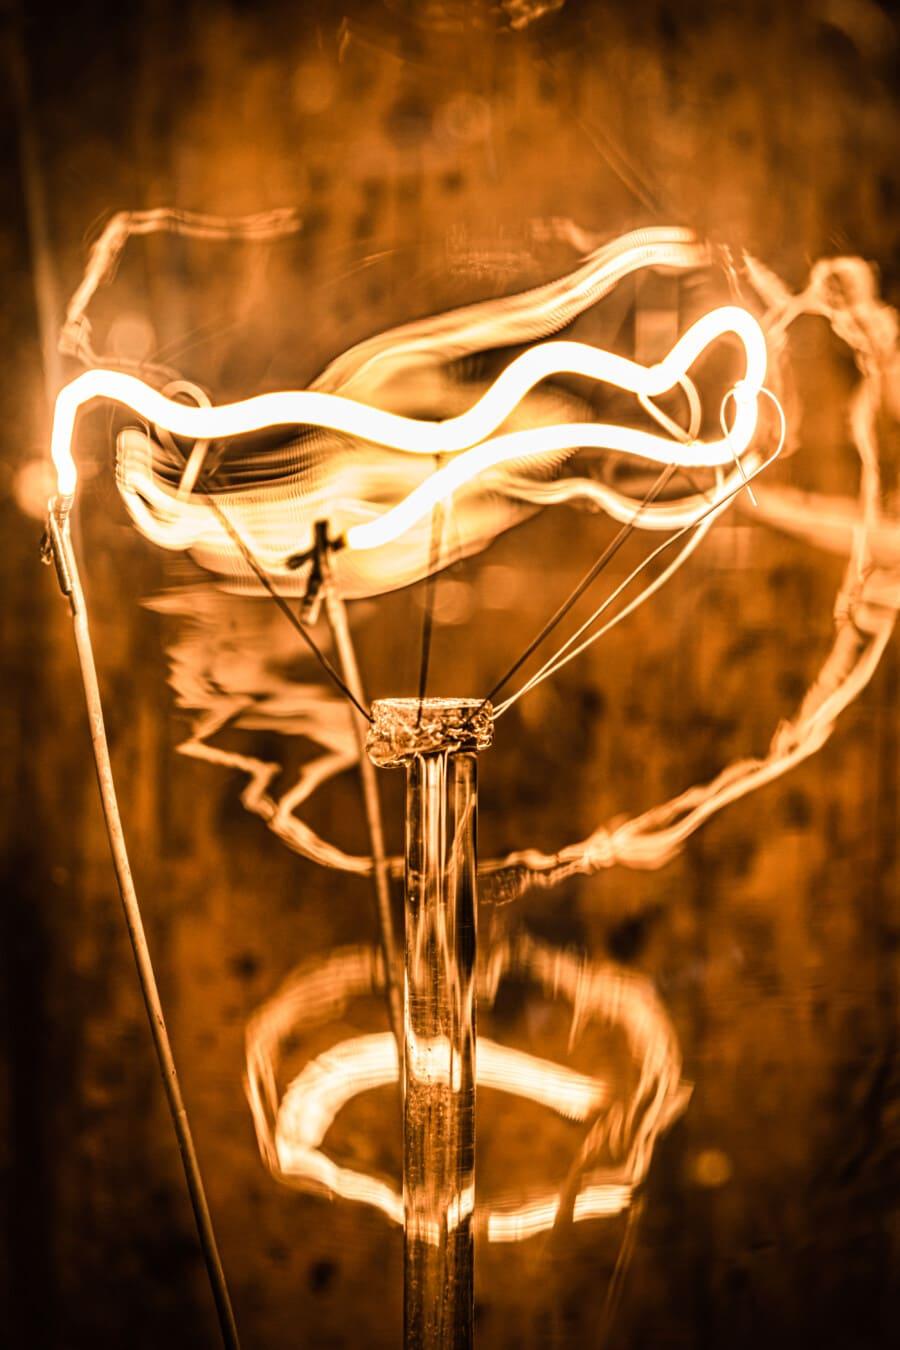 photographie, macro, filament, ampoule, fils, tension, électricité, lumière, illustration, luminosité